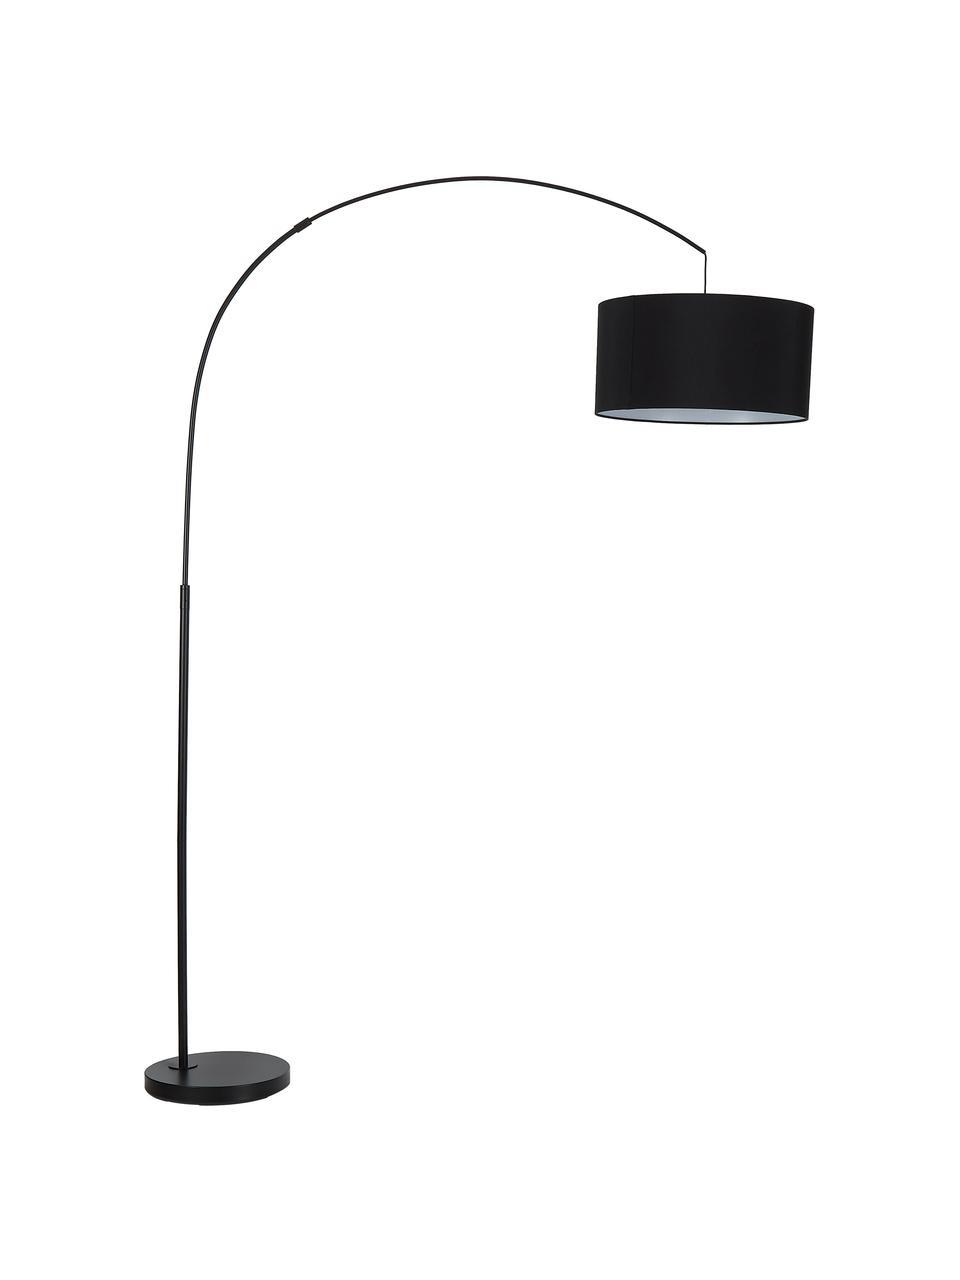 Moderne Bogenlampe Niels in Schwarz, Lampenschirm: Baumwollgemisch, Lampenfuß: Metall, pulverbeschichtet, Lampenschirm: SchwarzLampenfuß: Schwarz, mattKabel: Schwarz, 157 x 218 cm